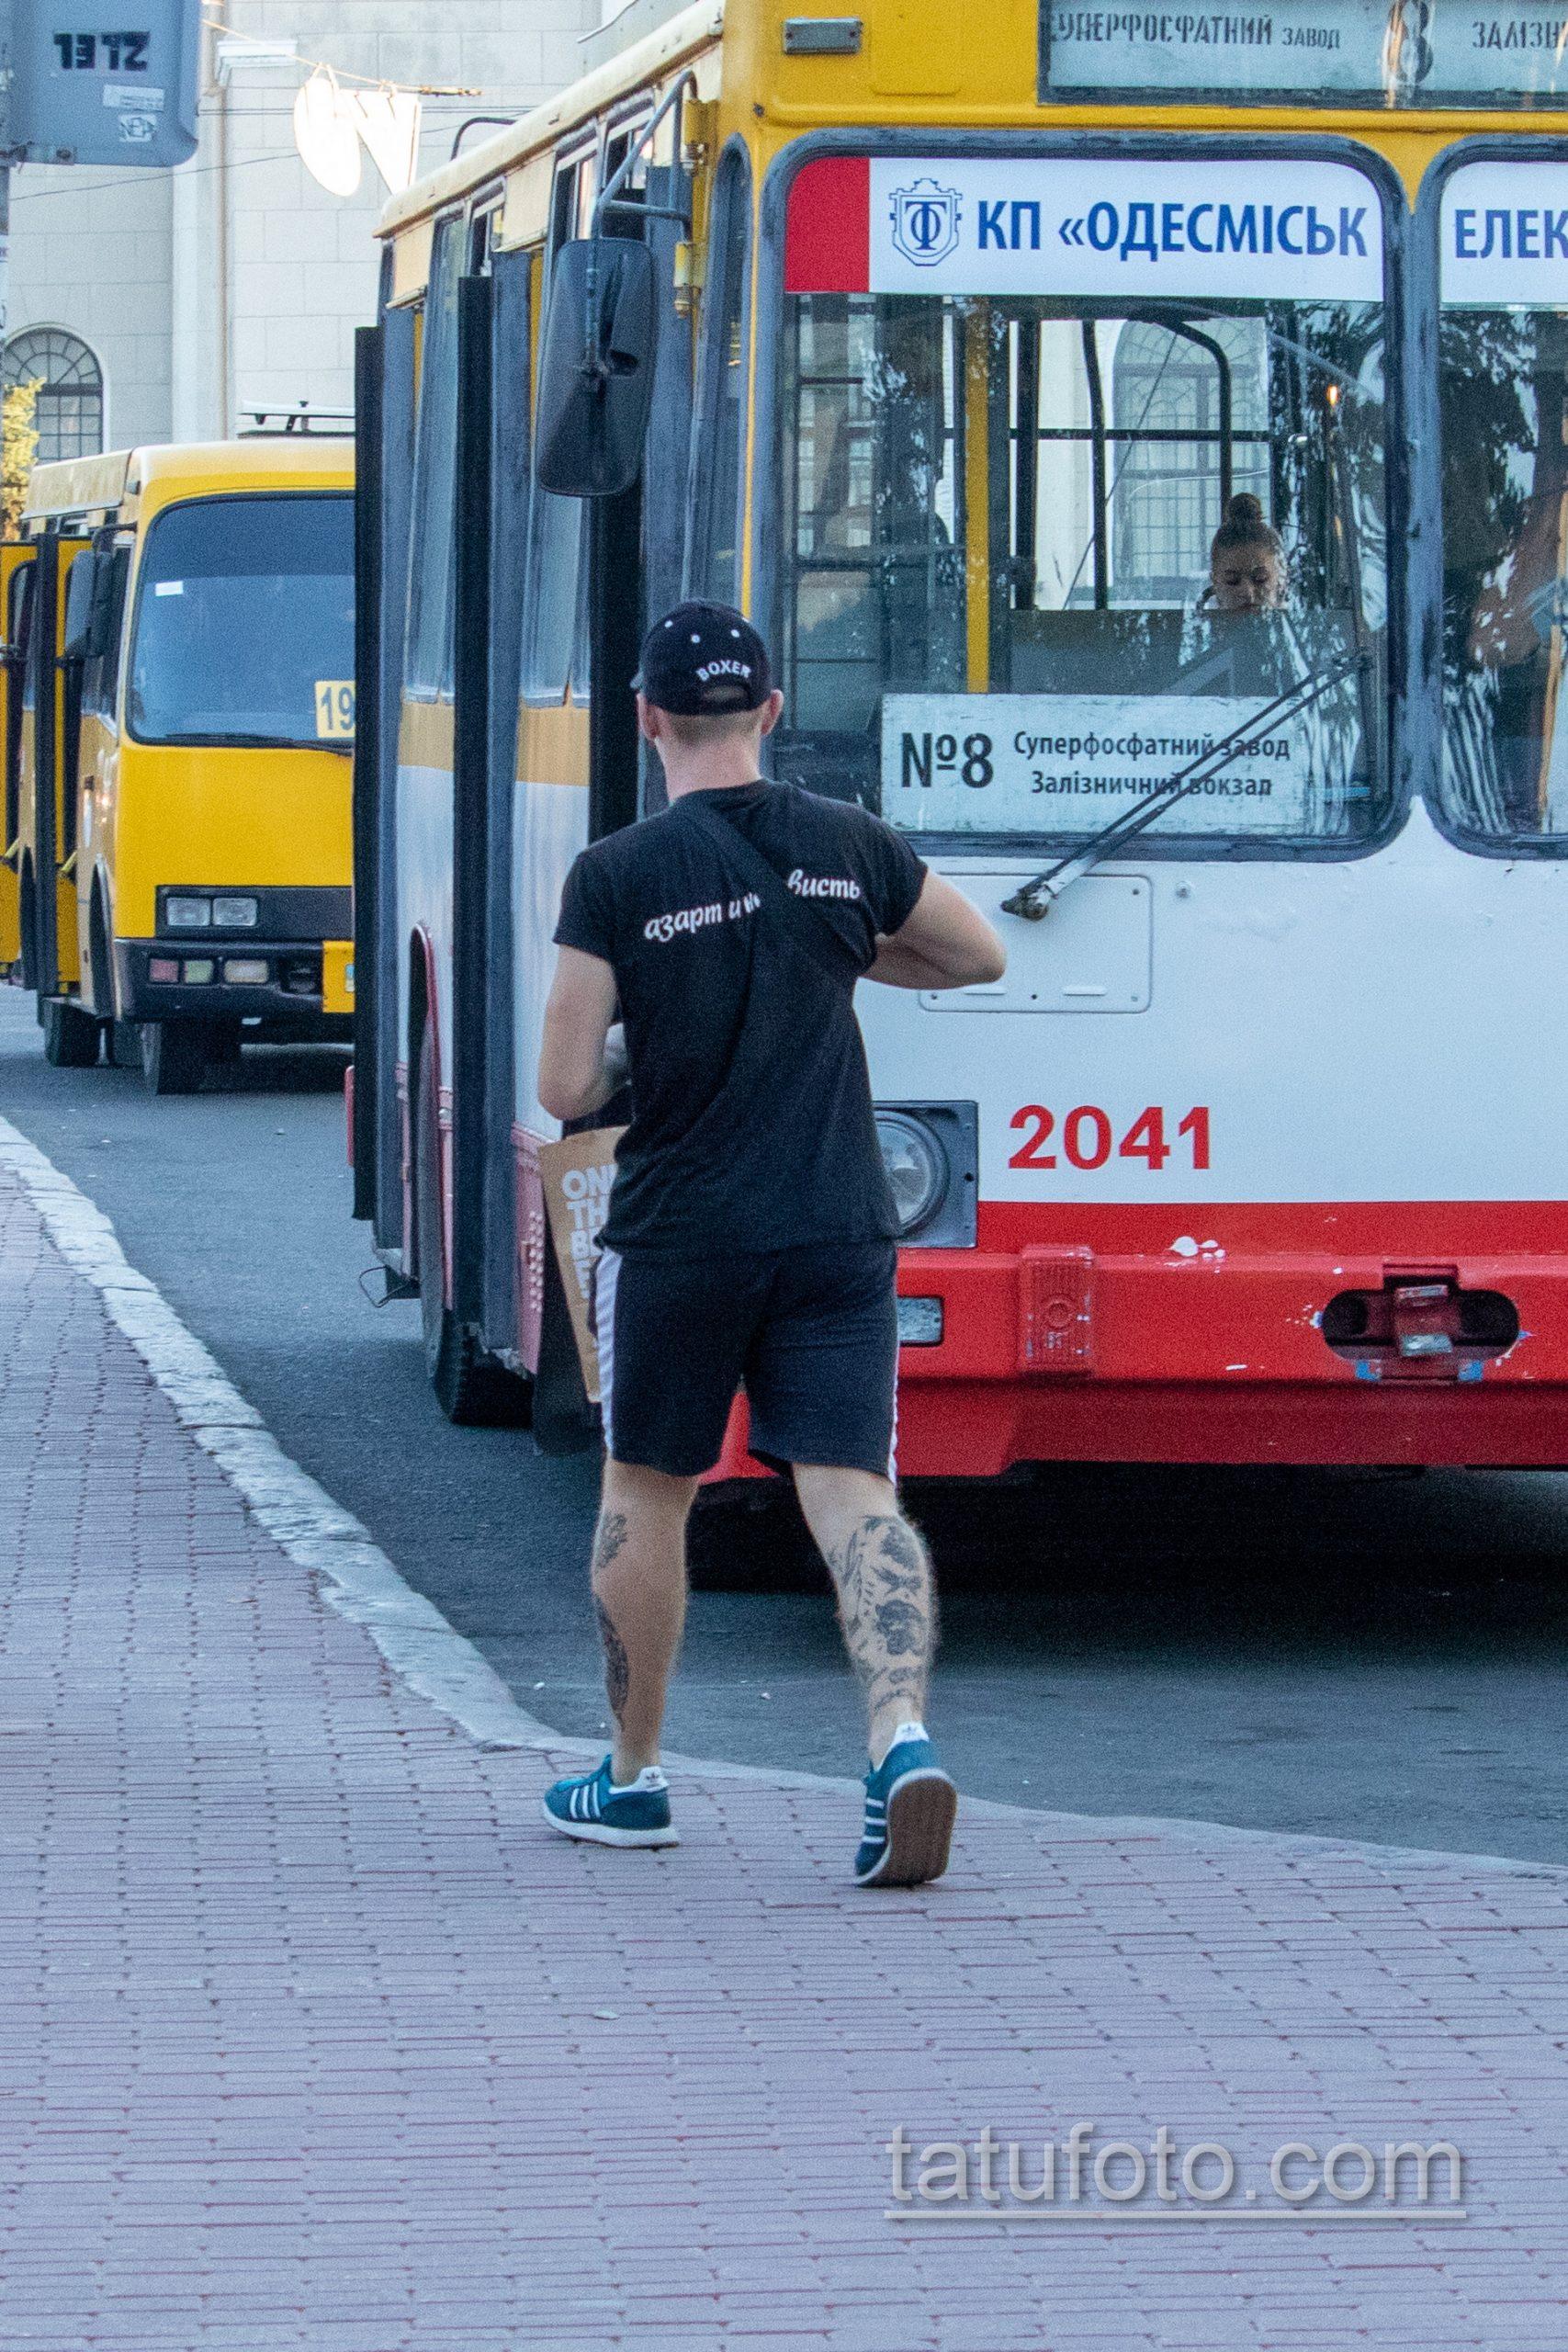 Олдскул тату на ноге парня с тигром – боксером и цепями - Уличная татуировка 14.09.2020 – tatufoto.com 1